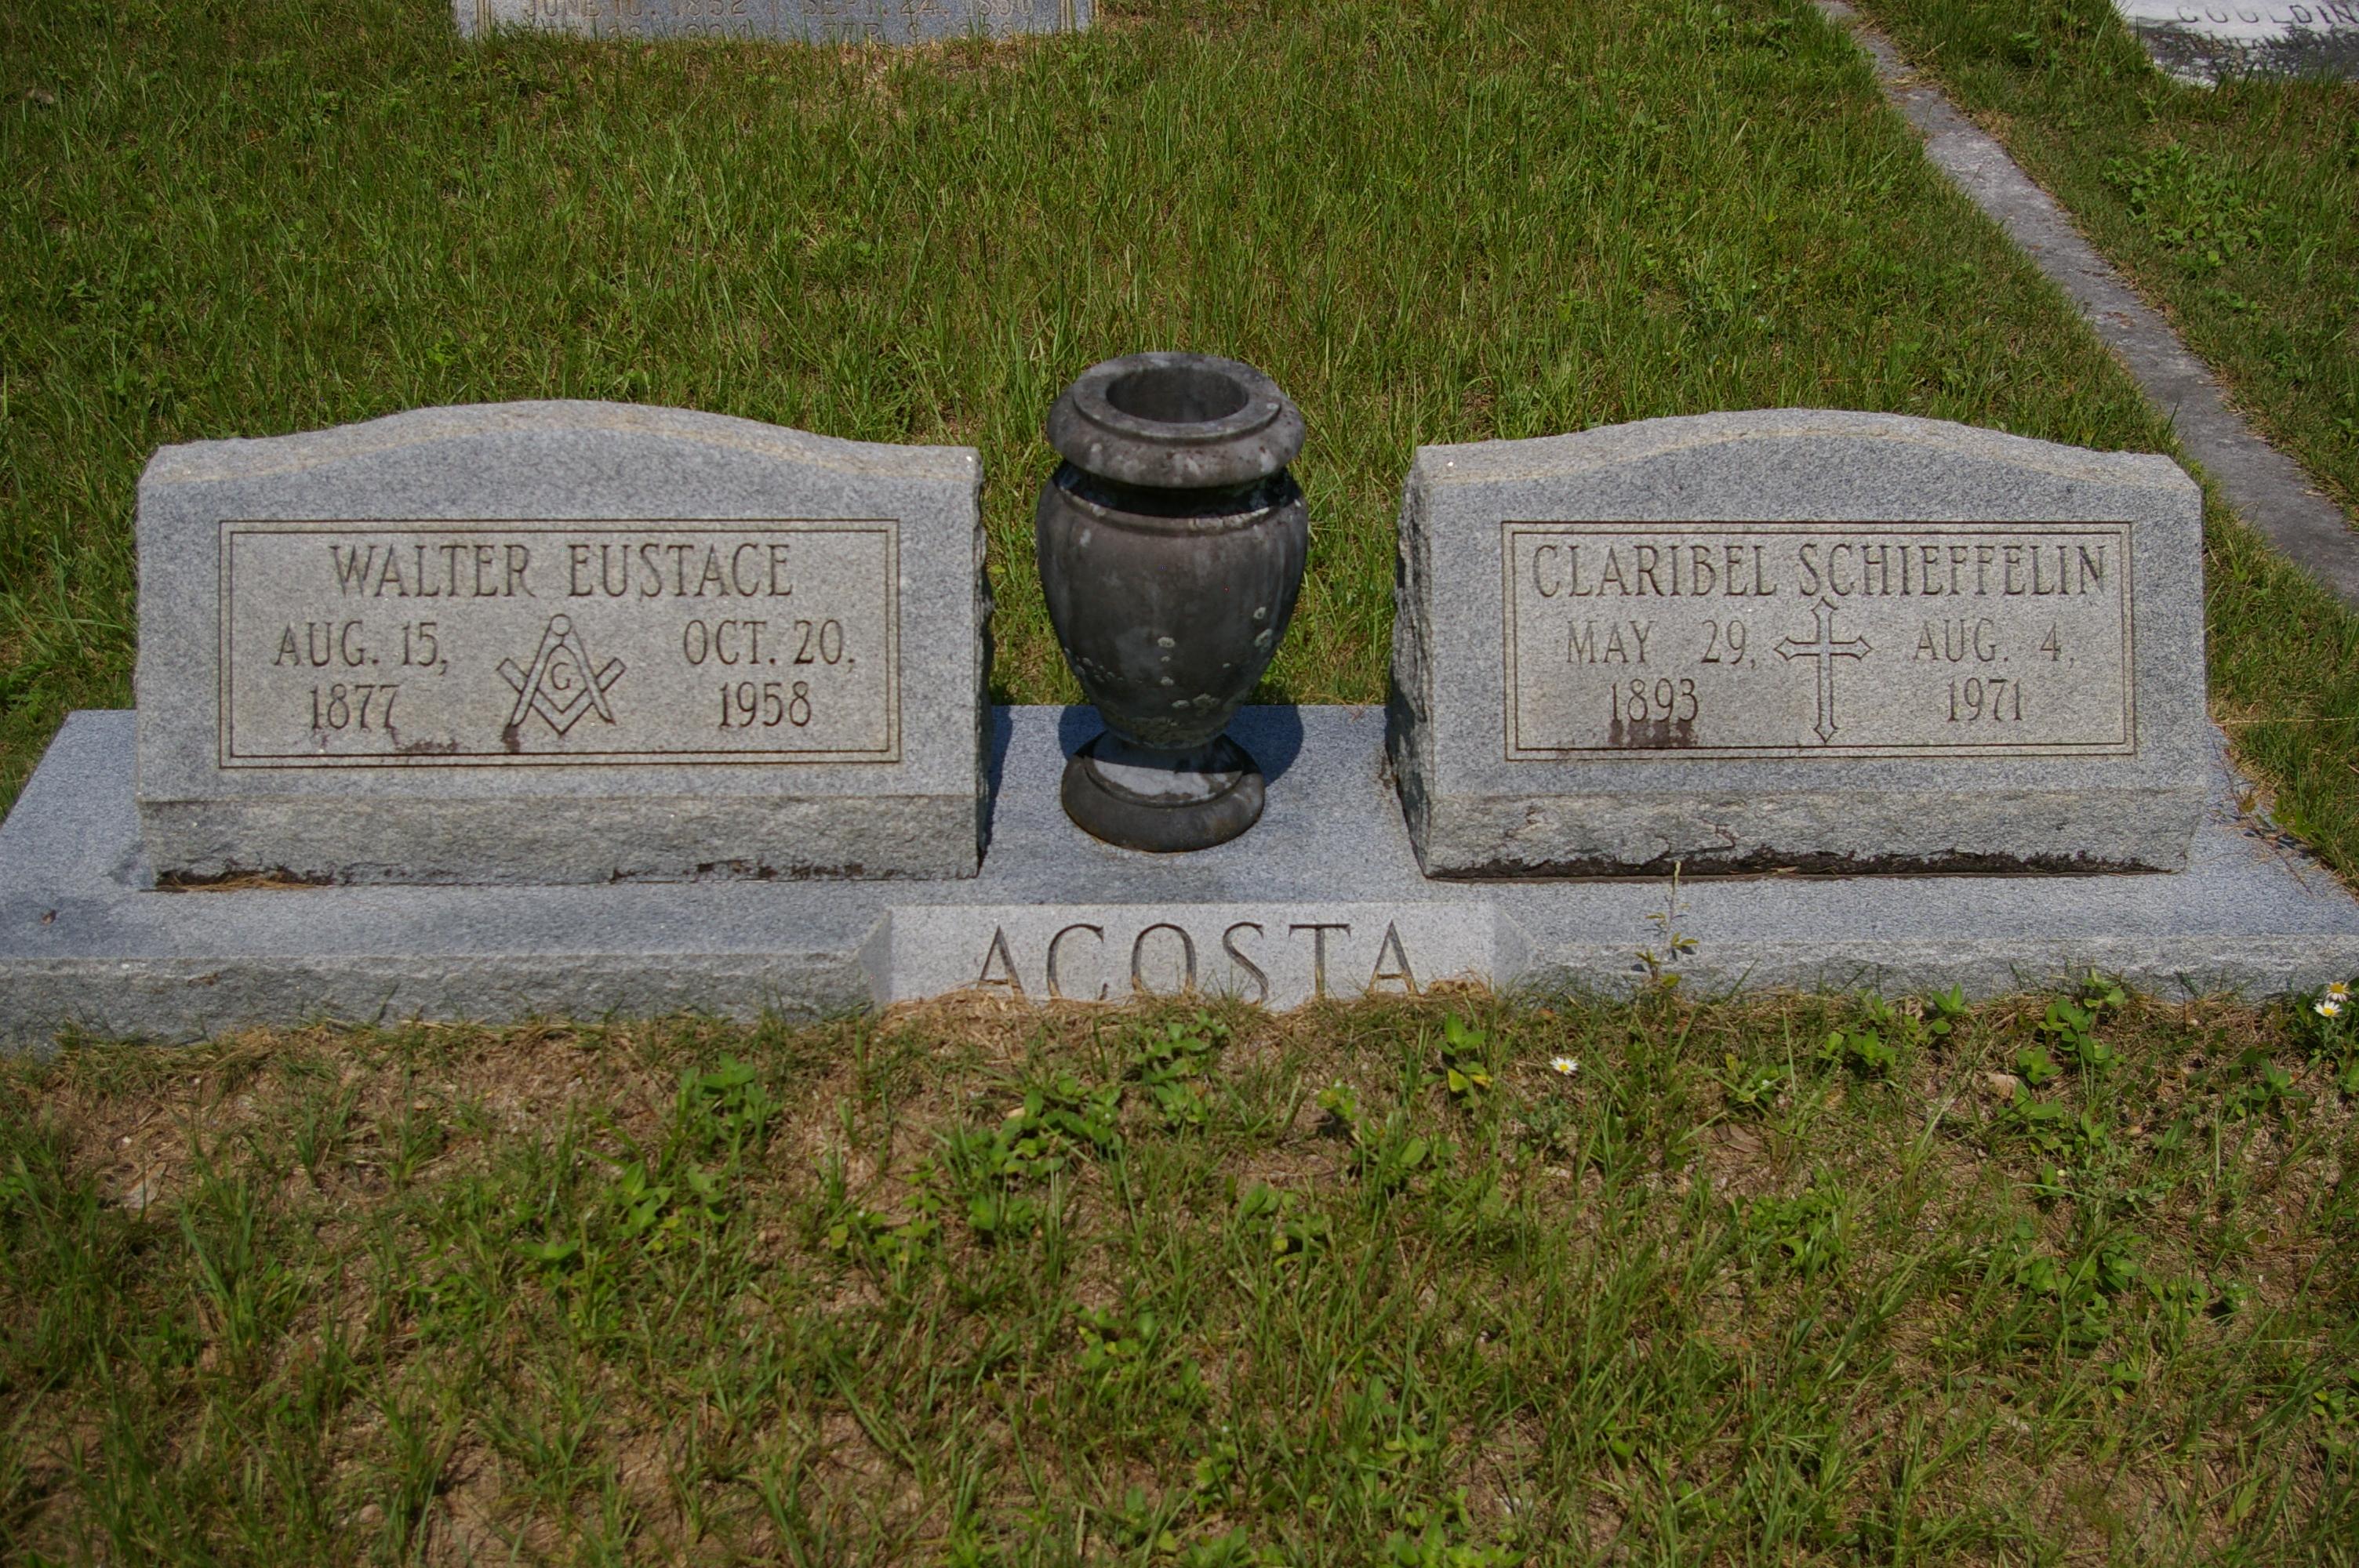 Claribel Schieffelin Acosta